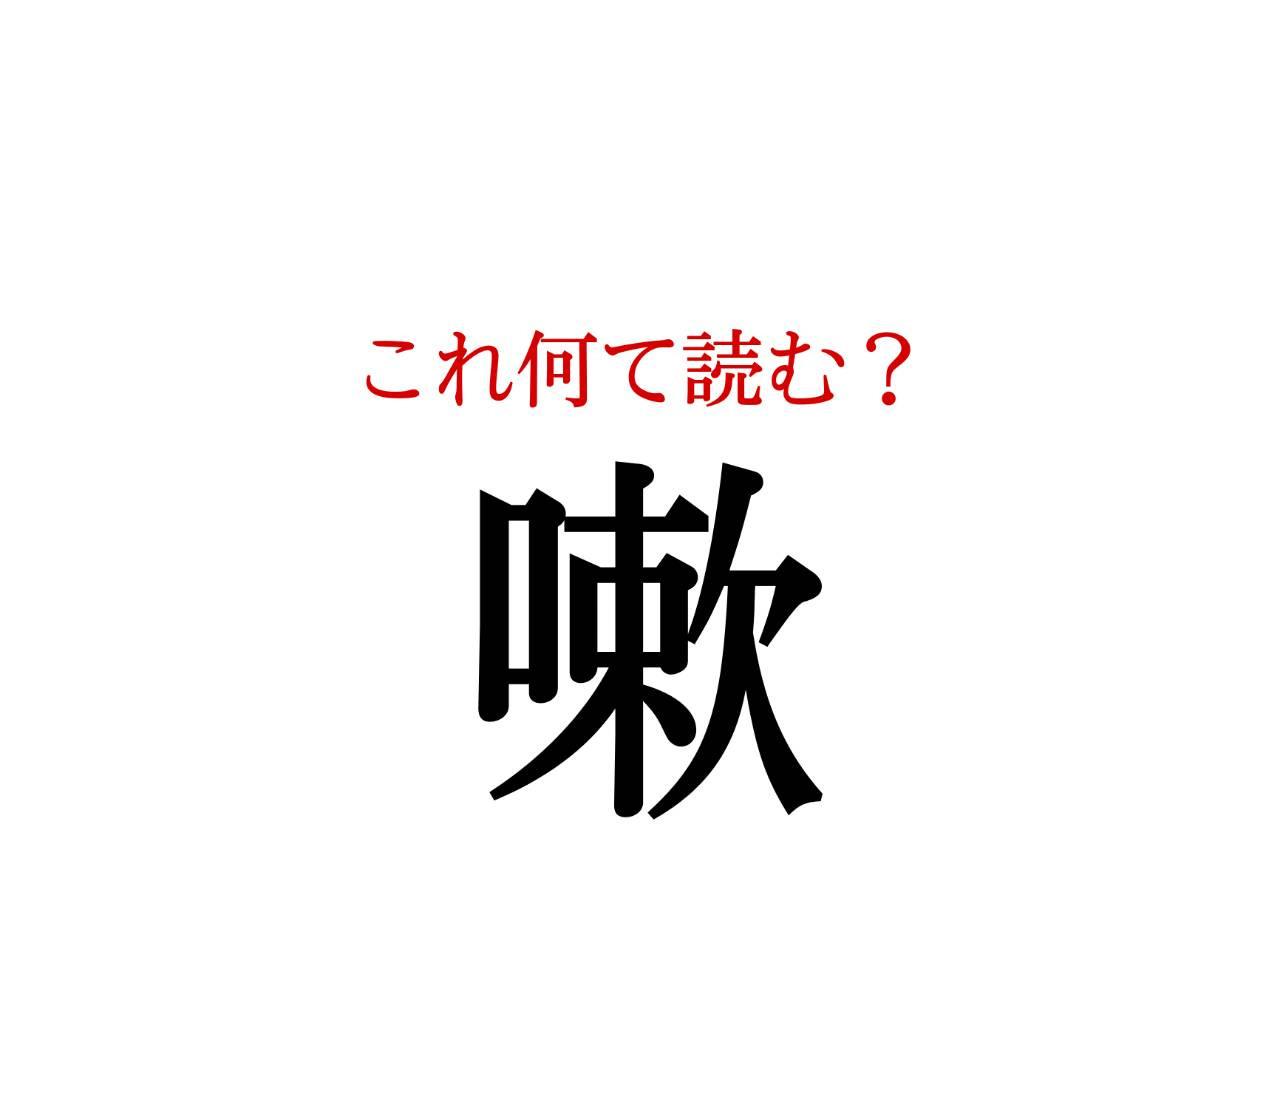 「嗽」:この漢字、自信を持って読めますか?【働く大人の漢字クイズvol.124】